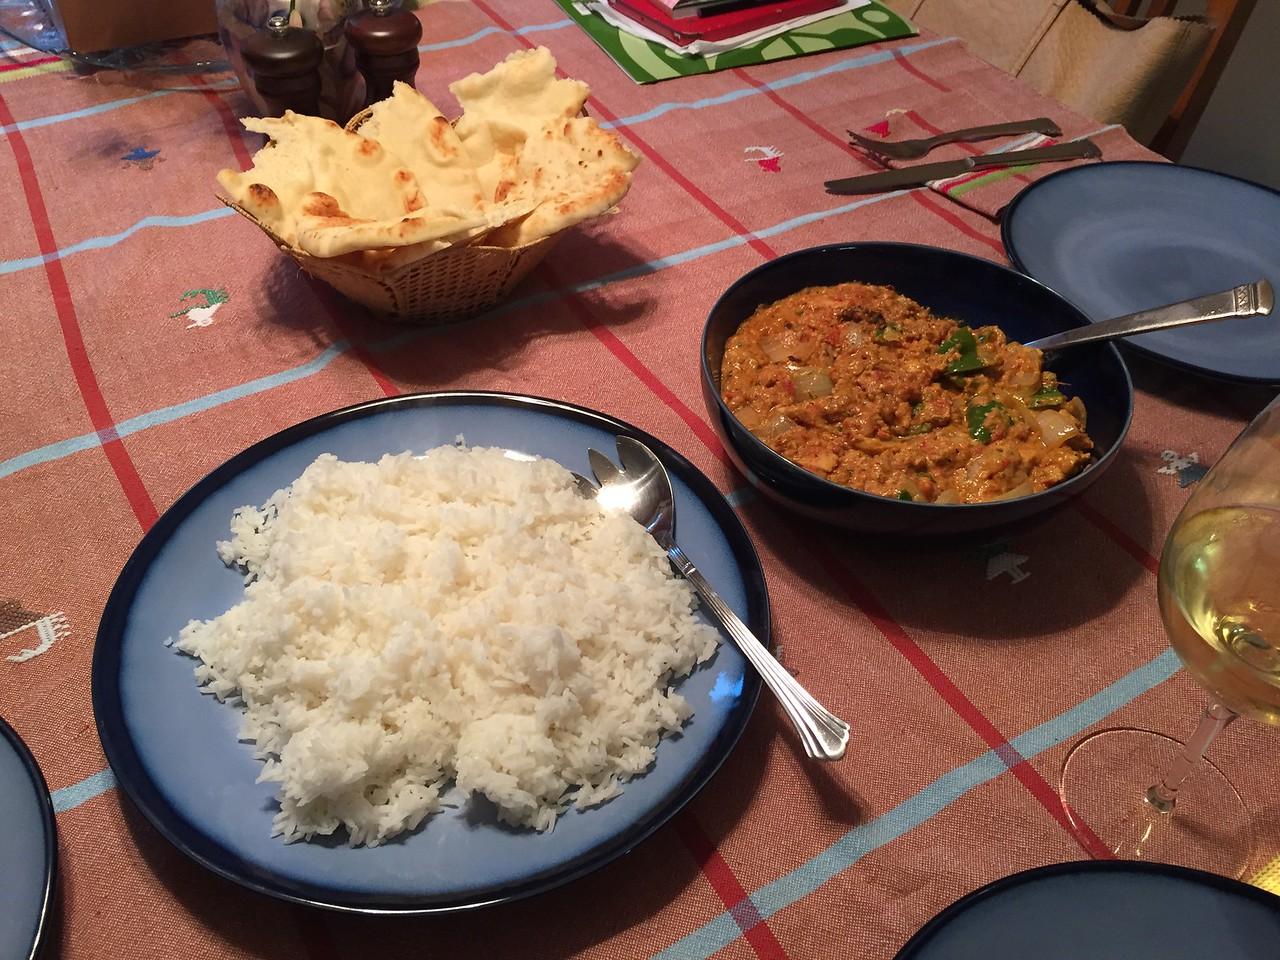 Chicken tikka masala, rice and garlic naan